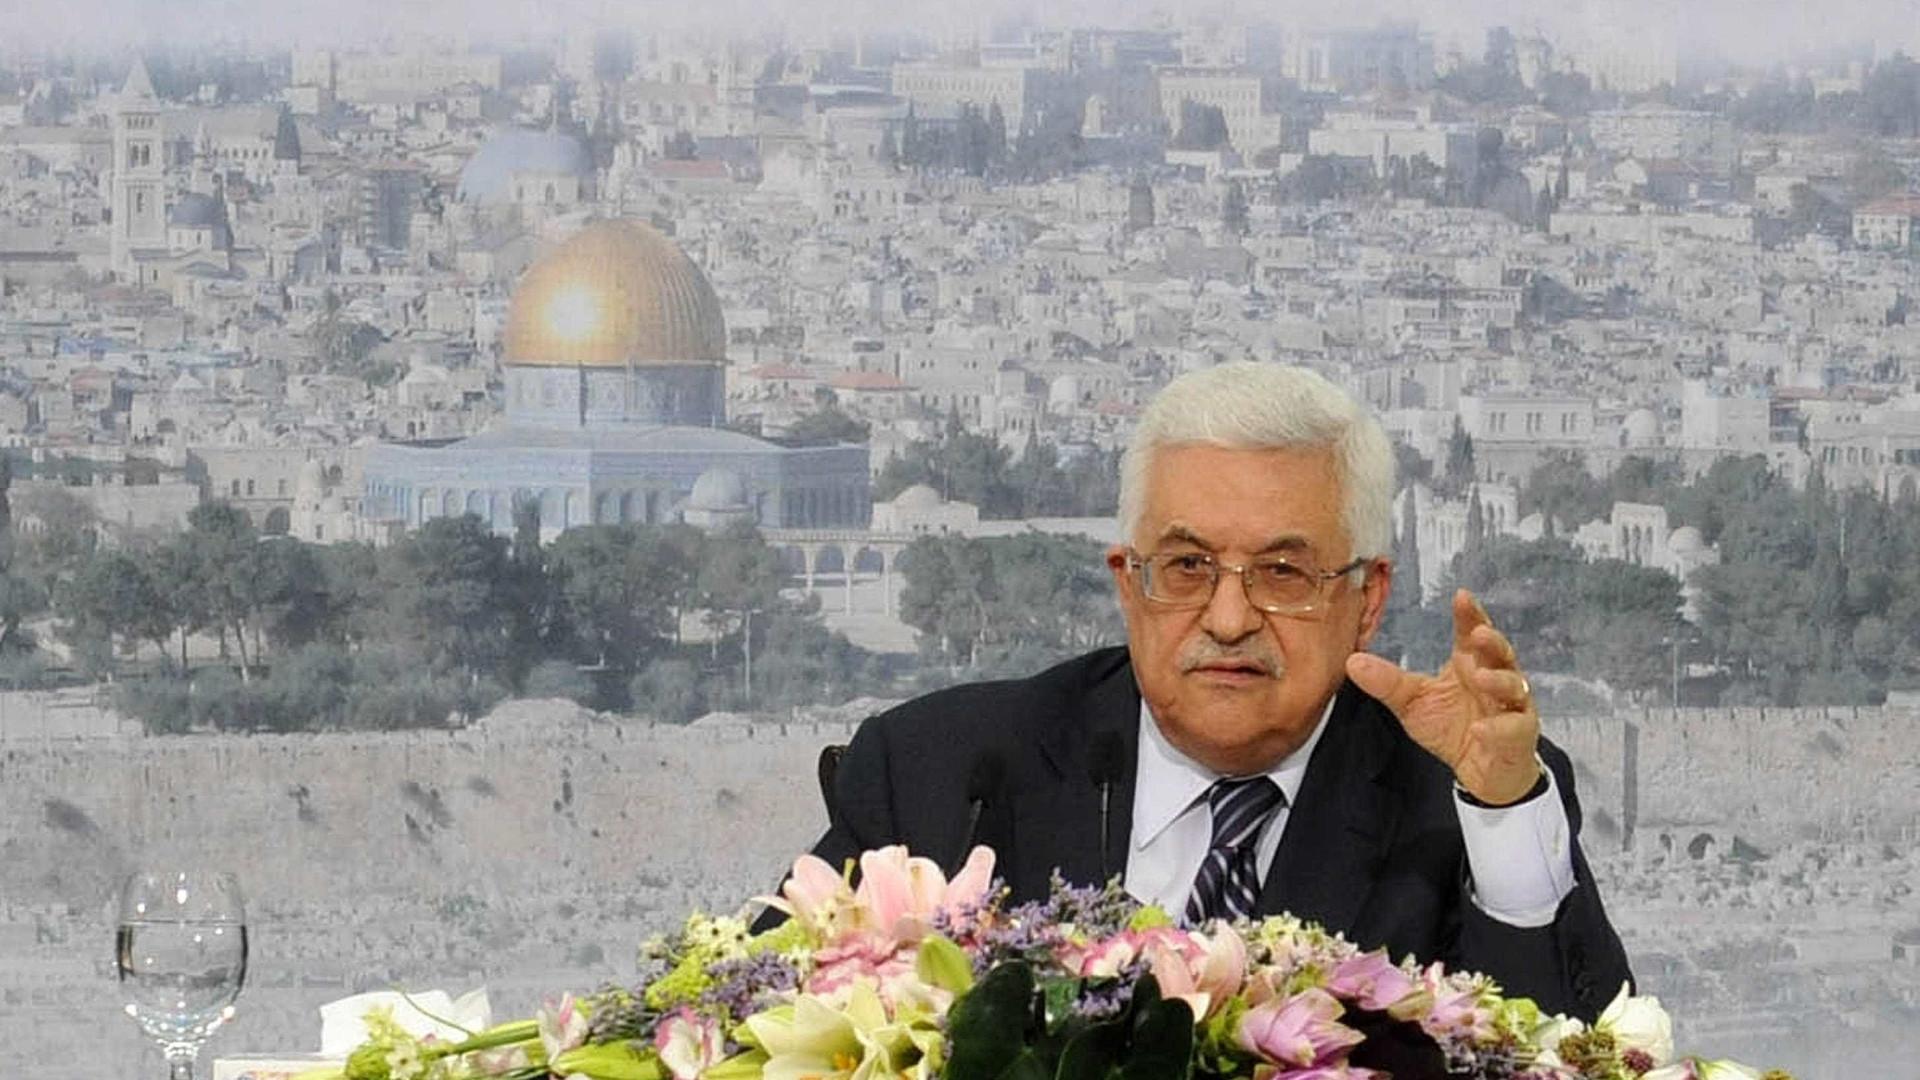 Jerusalém: EUA perderam condições para intermediarem processo de paz